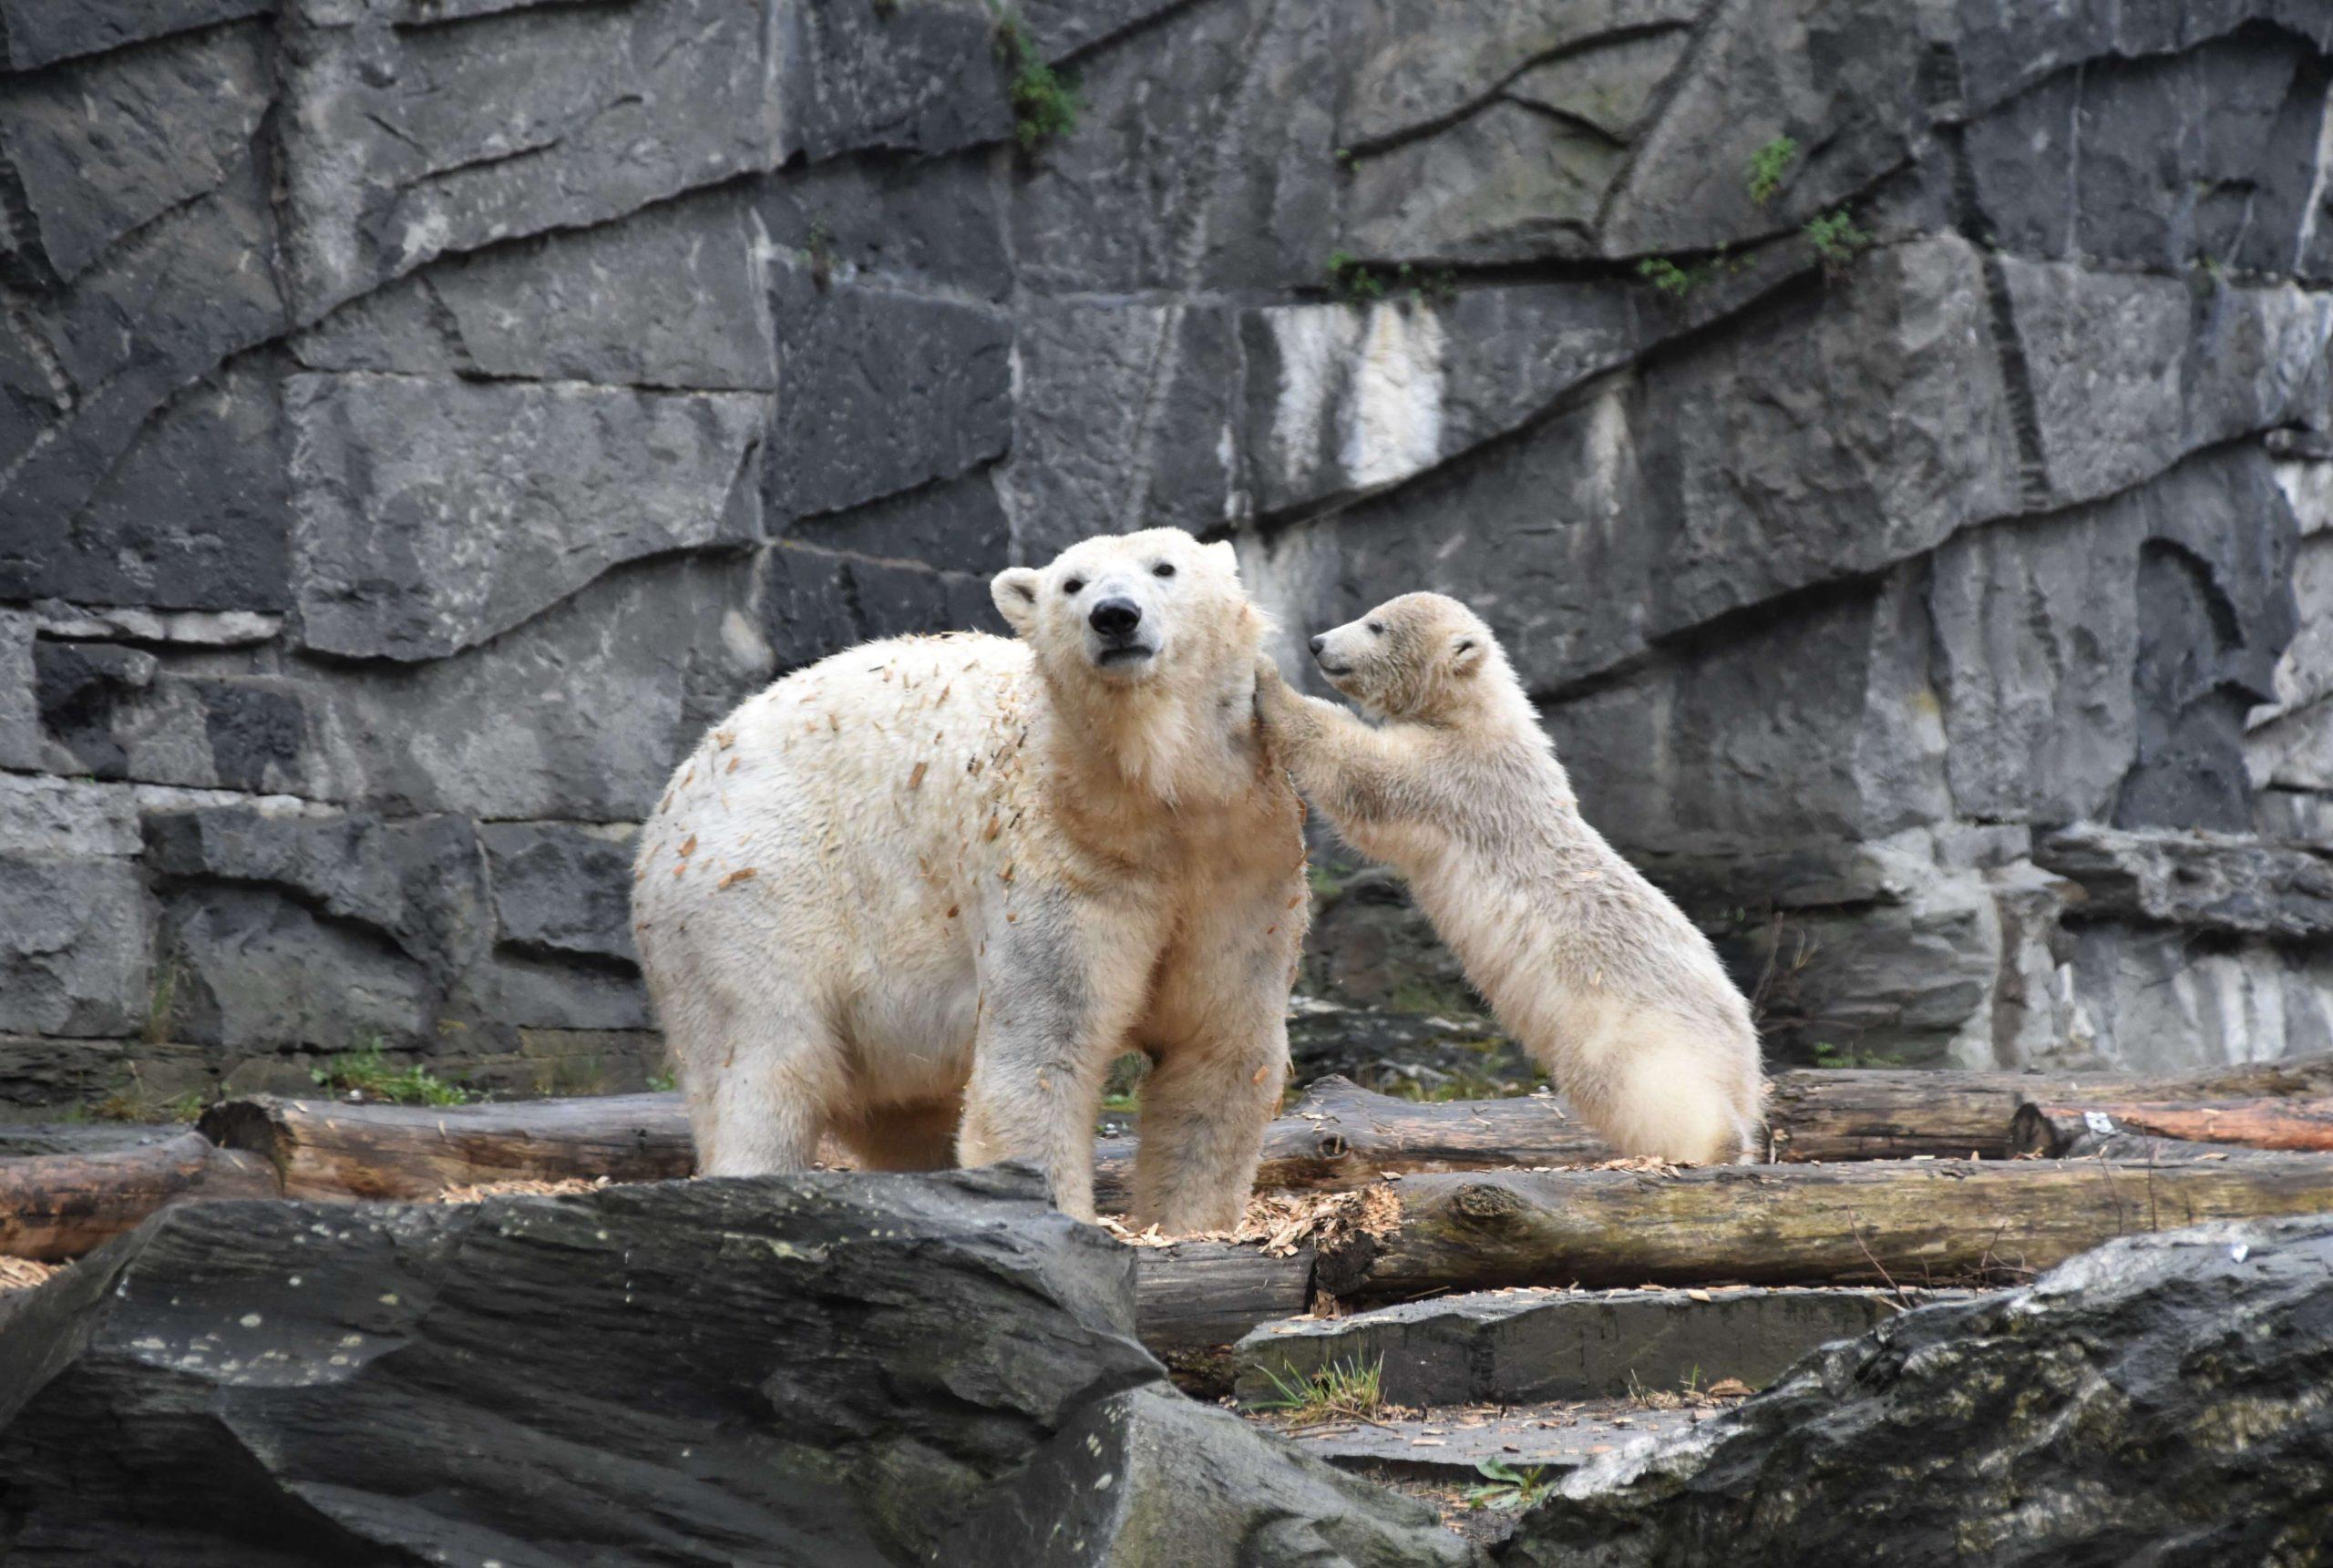 En møkkete isbjørn mor med isbjørnungen sin står på steiner i dyrepark